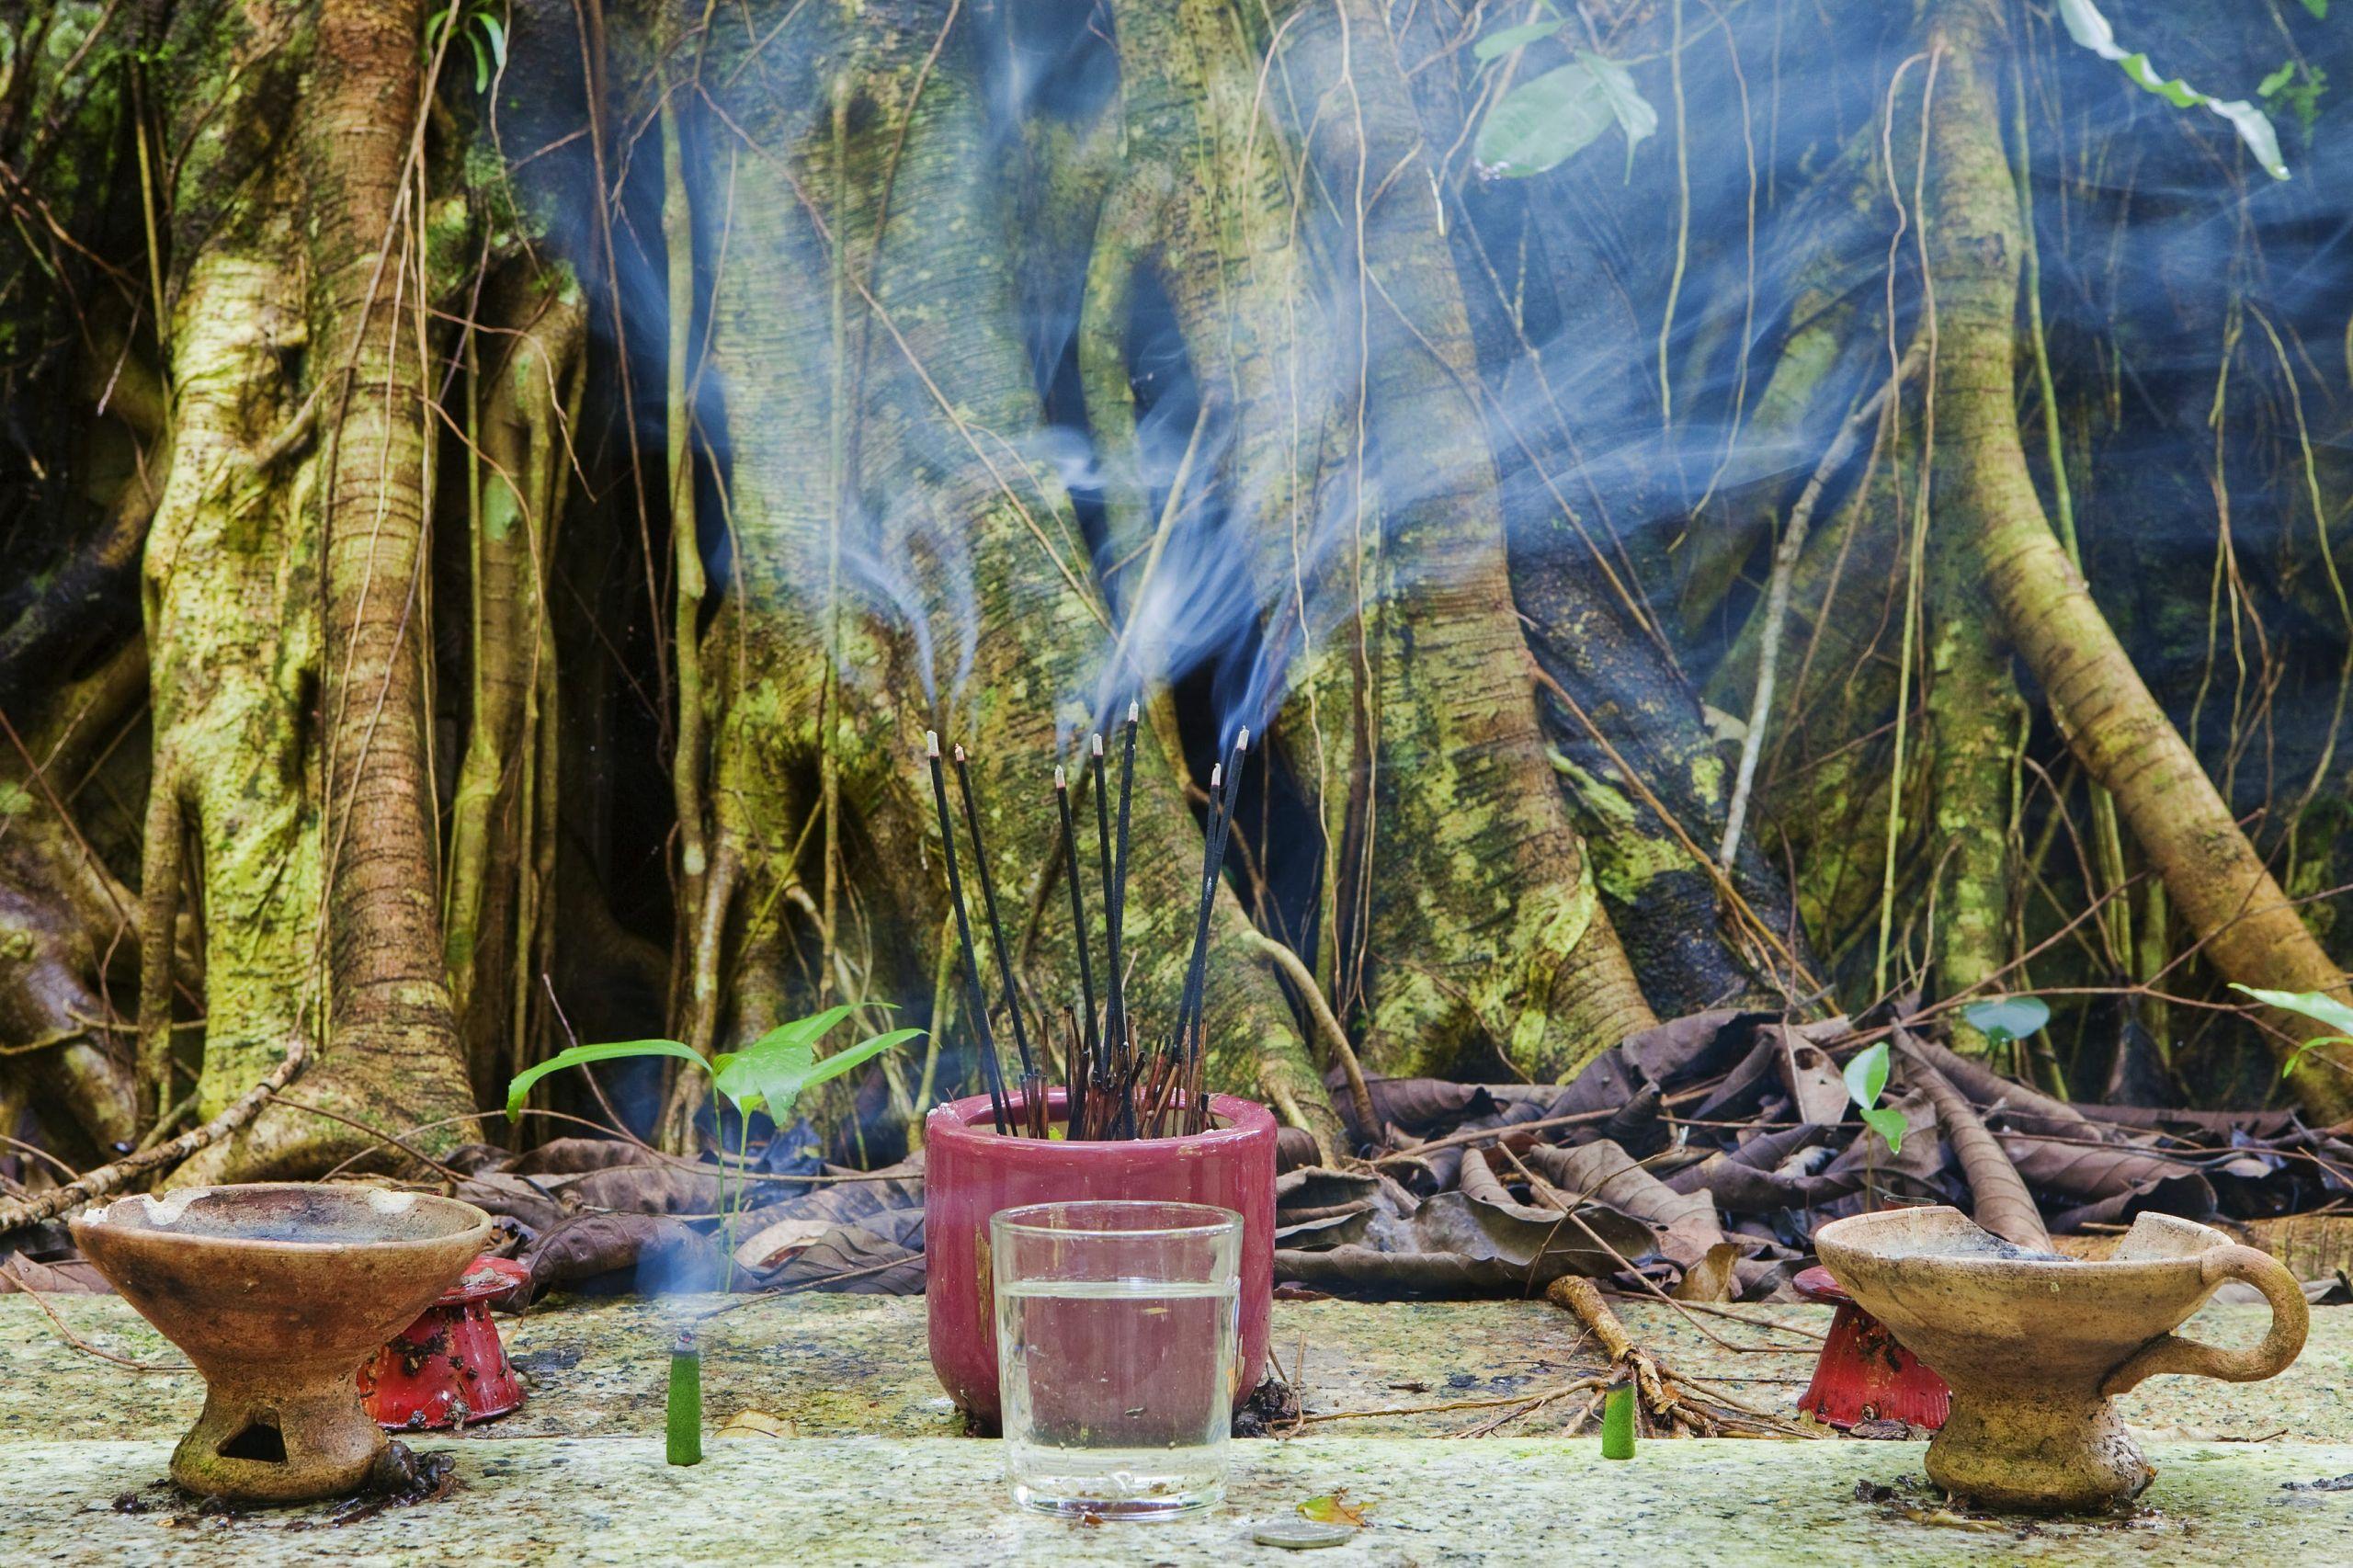 Asia Garten Ottobrunn Inspirierend Teluk Bahang Travel